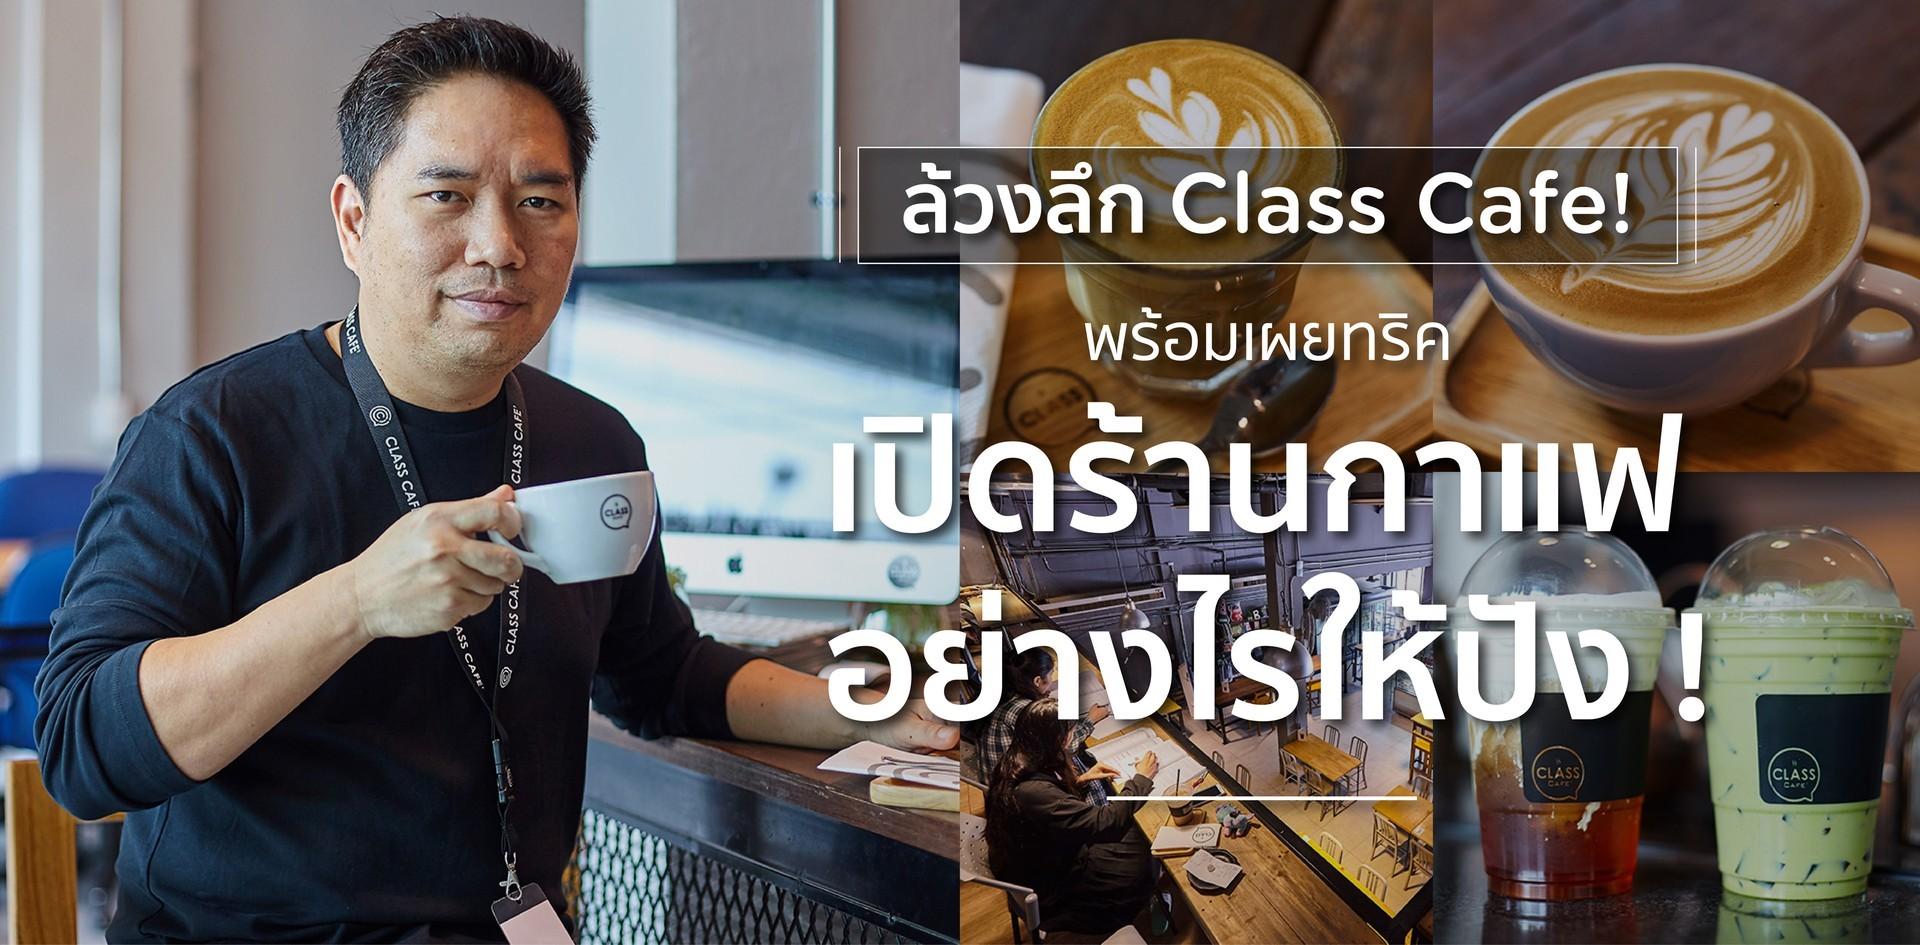 ล้วงลึก Class Cafe พร้อมเผยทริคเปิดร้านกาแฟอย่างไรให้ปัง !